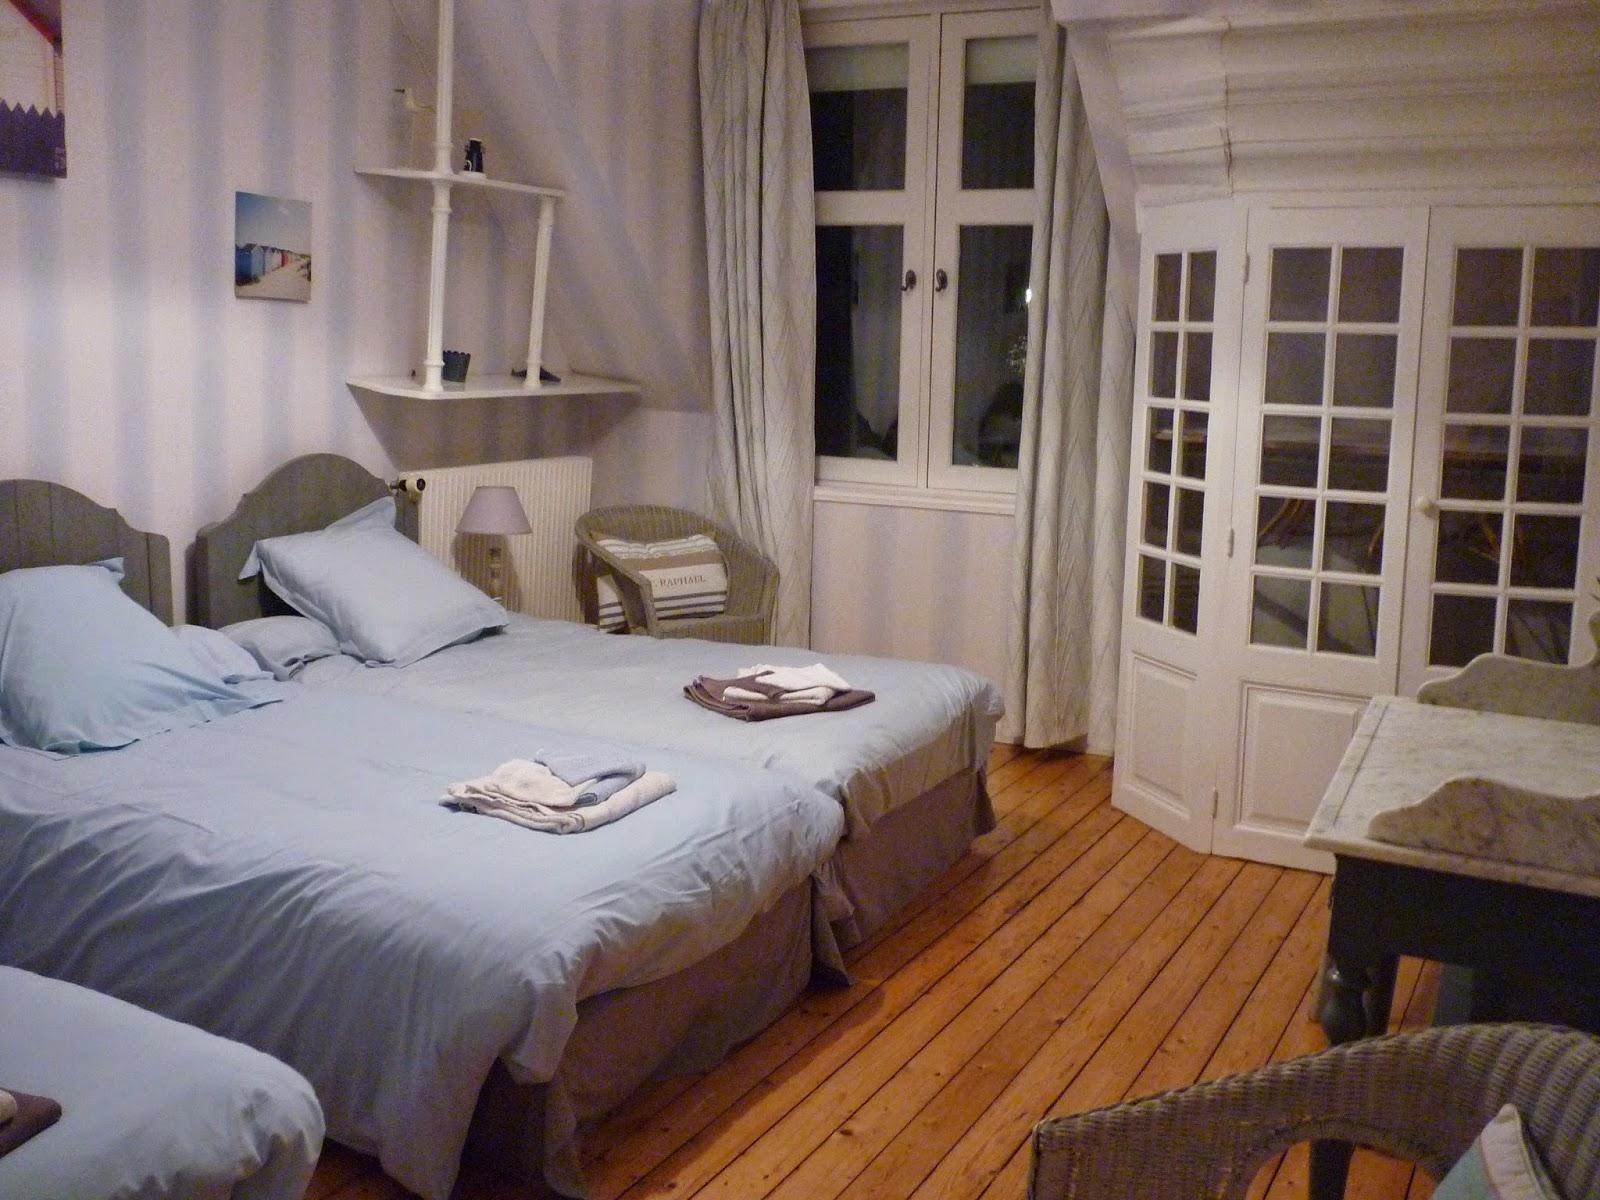 Chambre triple n°1 du Manoir de Beaurepaire en Normandie